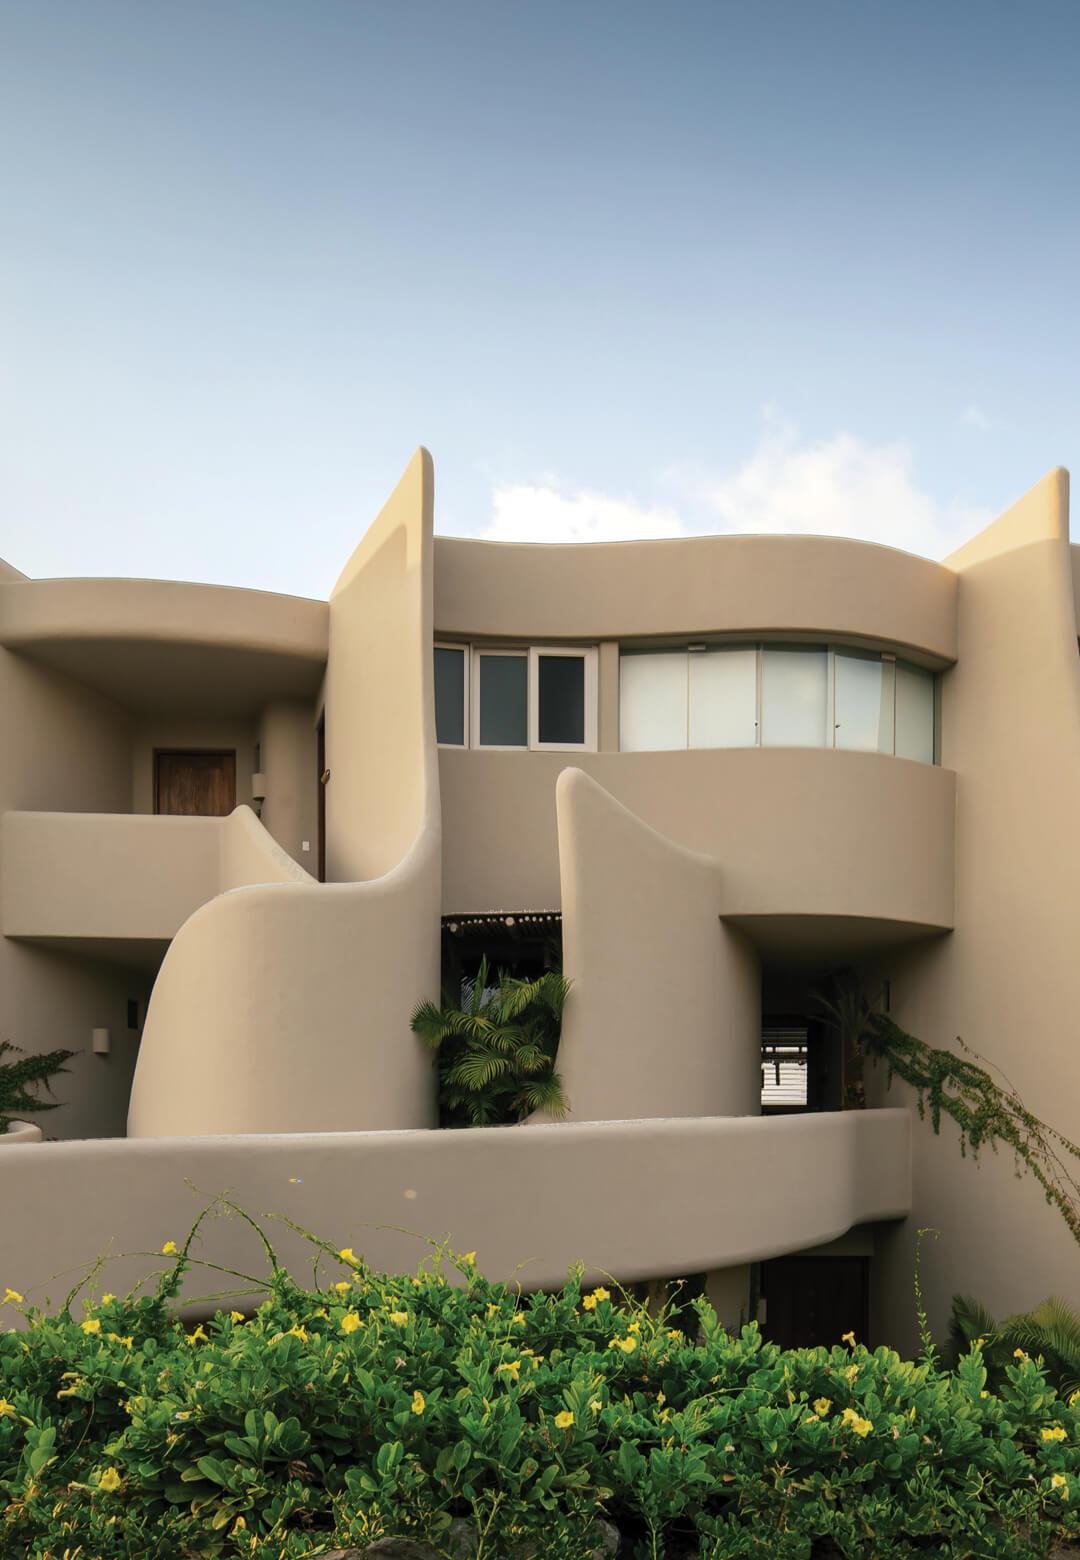 Punta Majahua by Zozaya Arquitectos in Mexico | Punta Majahua | by Zozaya Arquitectos | STIRworld